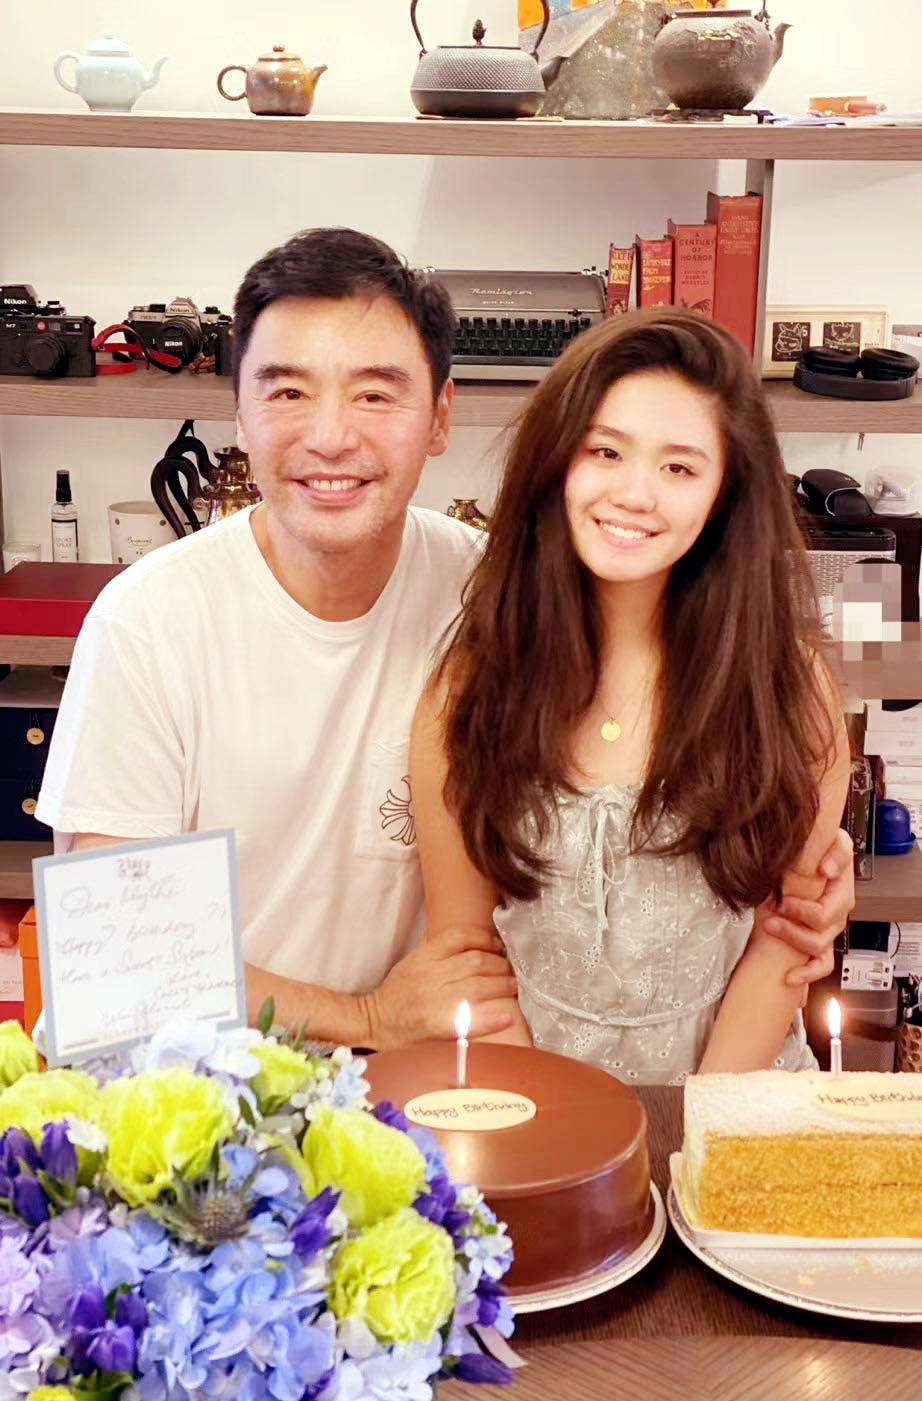 钟镇涛拒绝复婚:57岁再做父亲,我是4个儿女的幸福爸爸